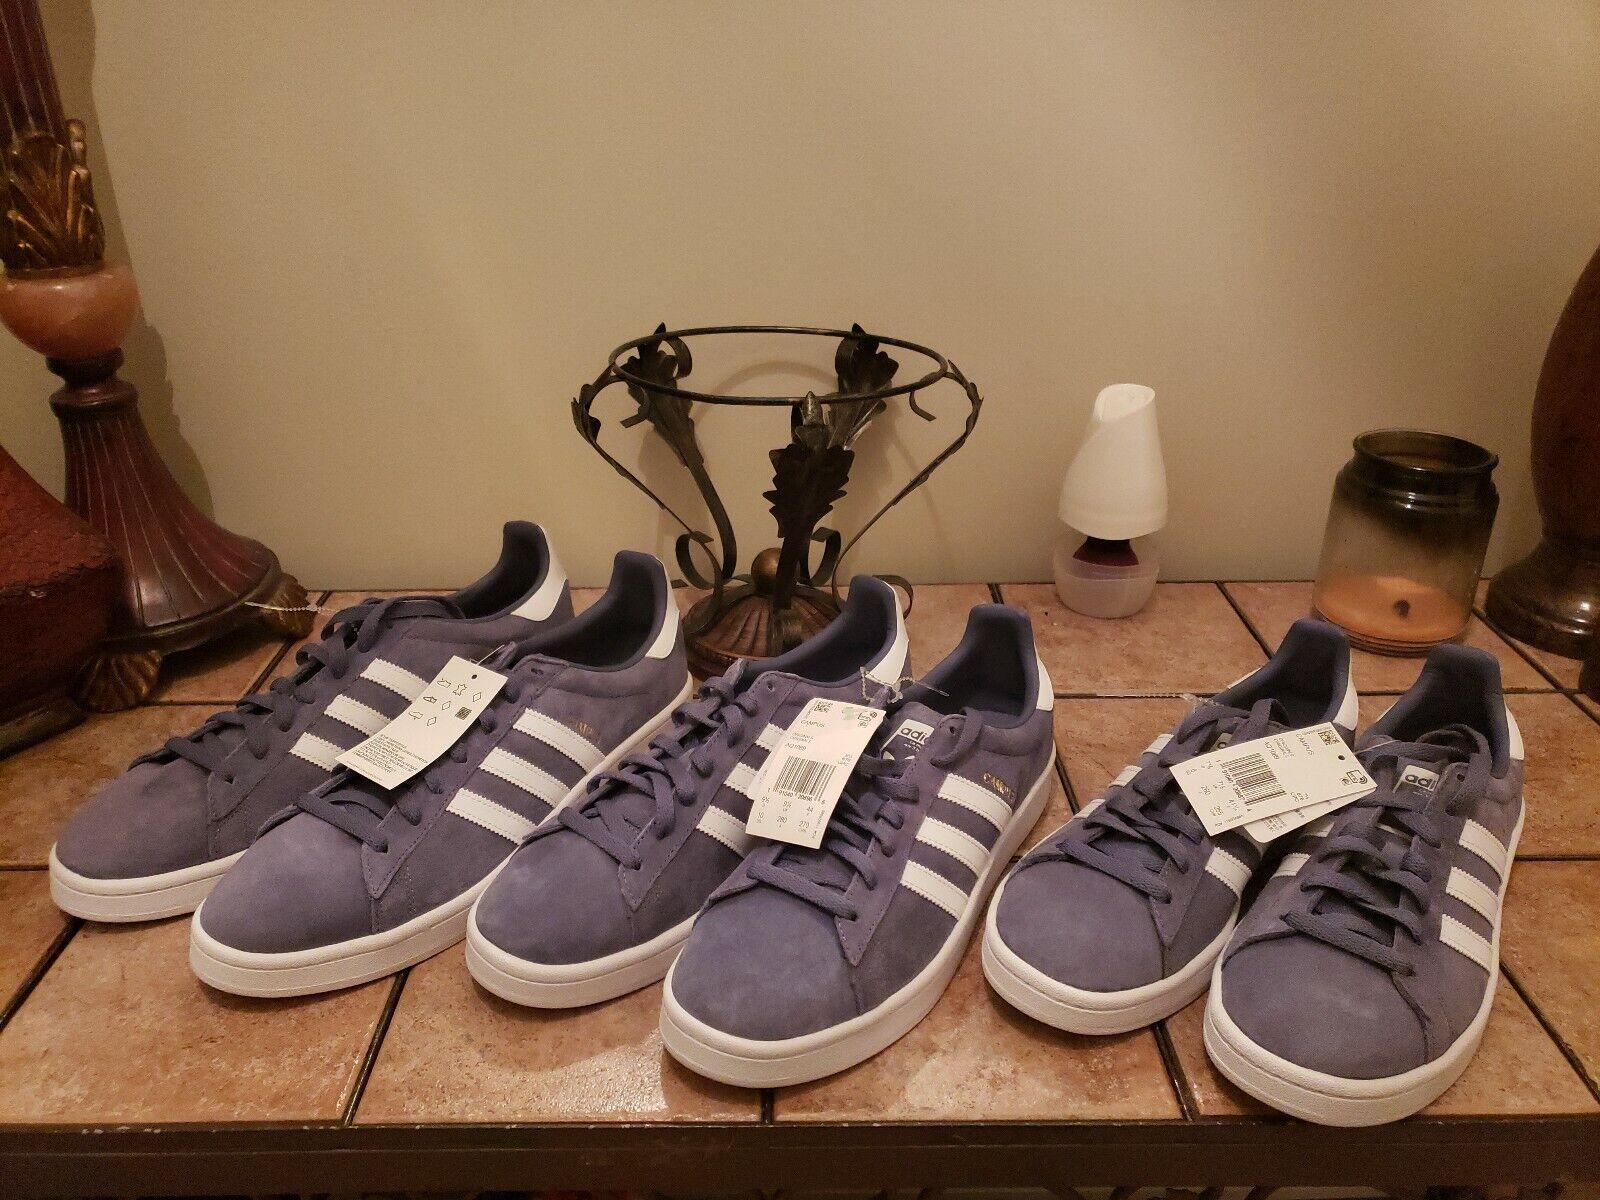 Men Adidas Campus Court Lifestyle Sneakers Raw Indigo White AQ1089. Sz. 8 New